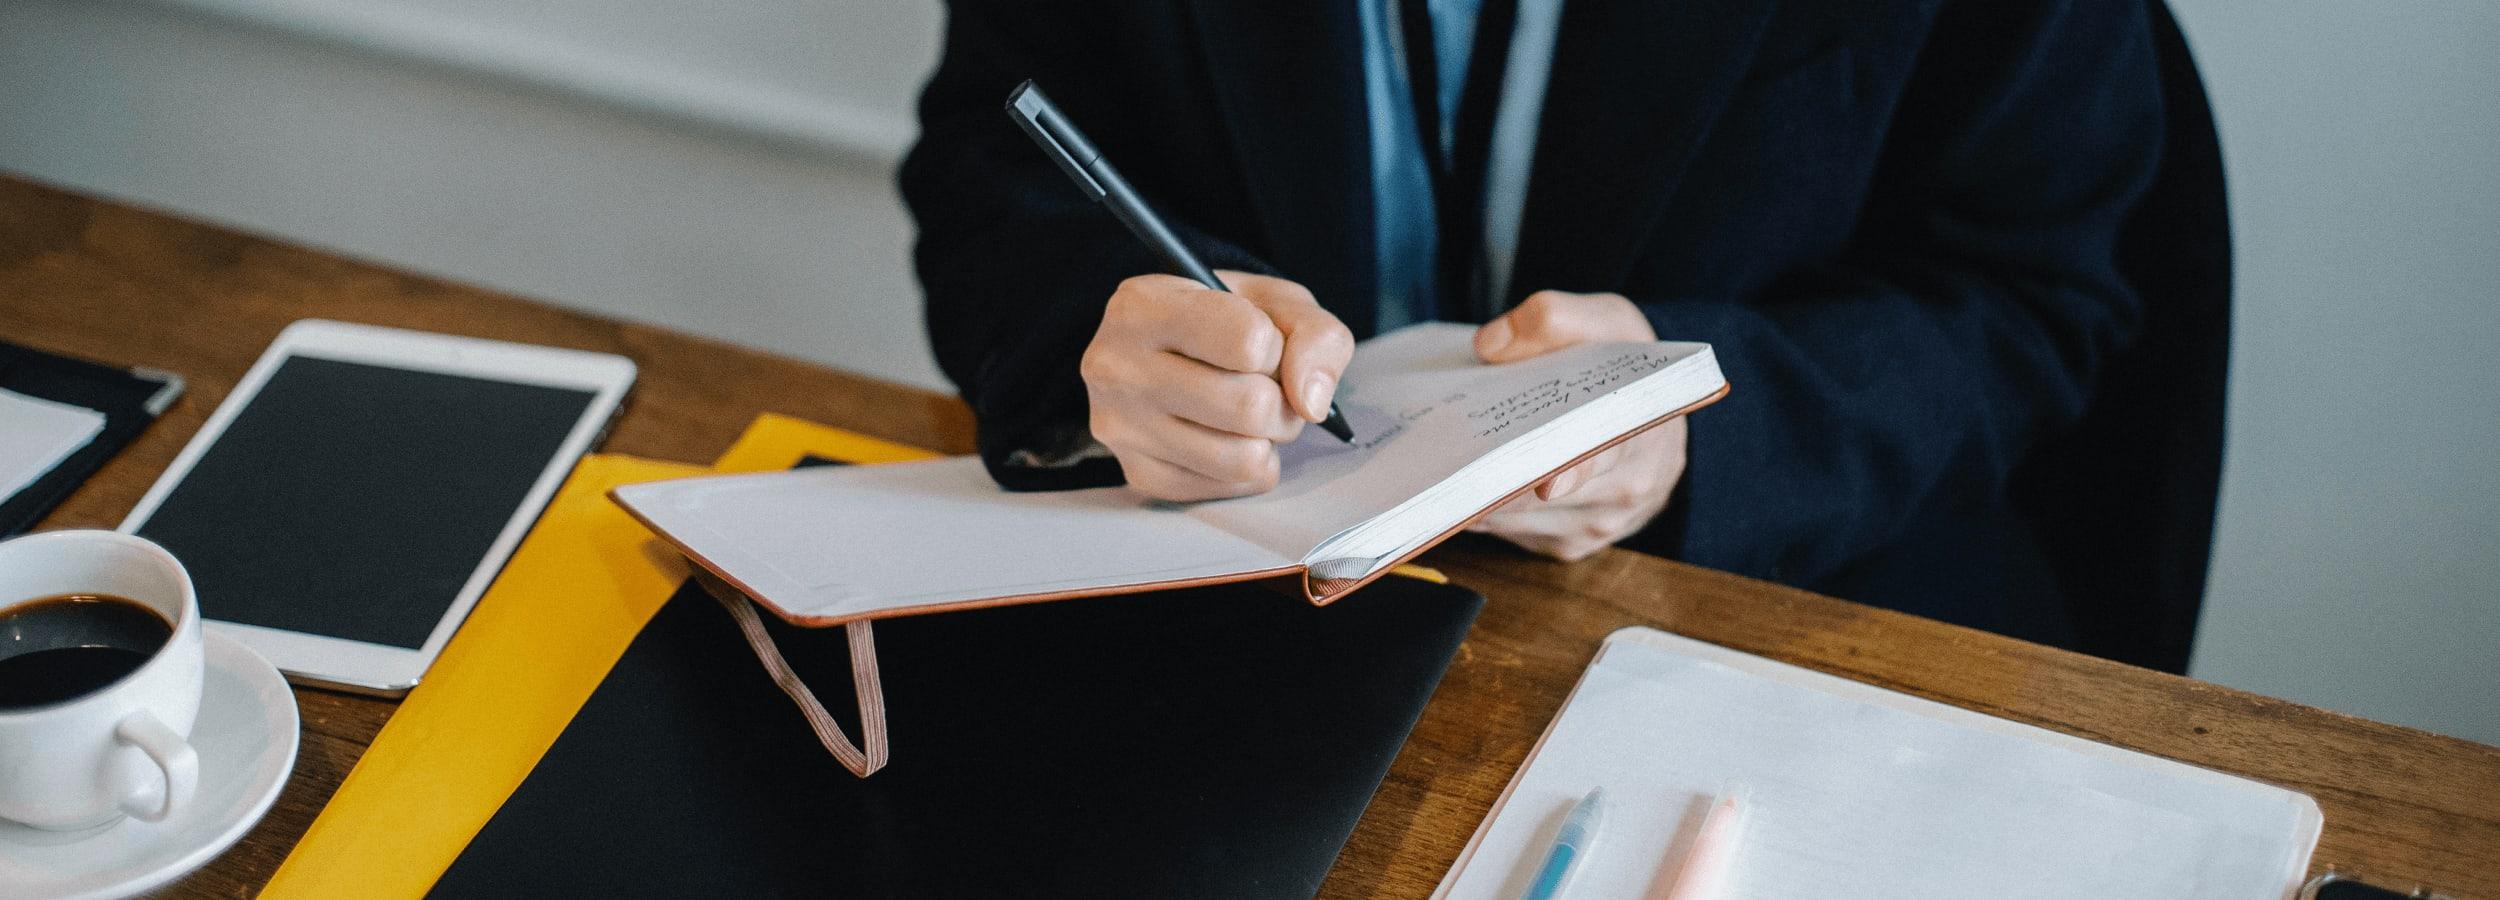 La déclaration des bénéficiaires effectifs en SCI est une obligation depuis 2017